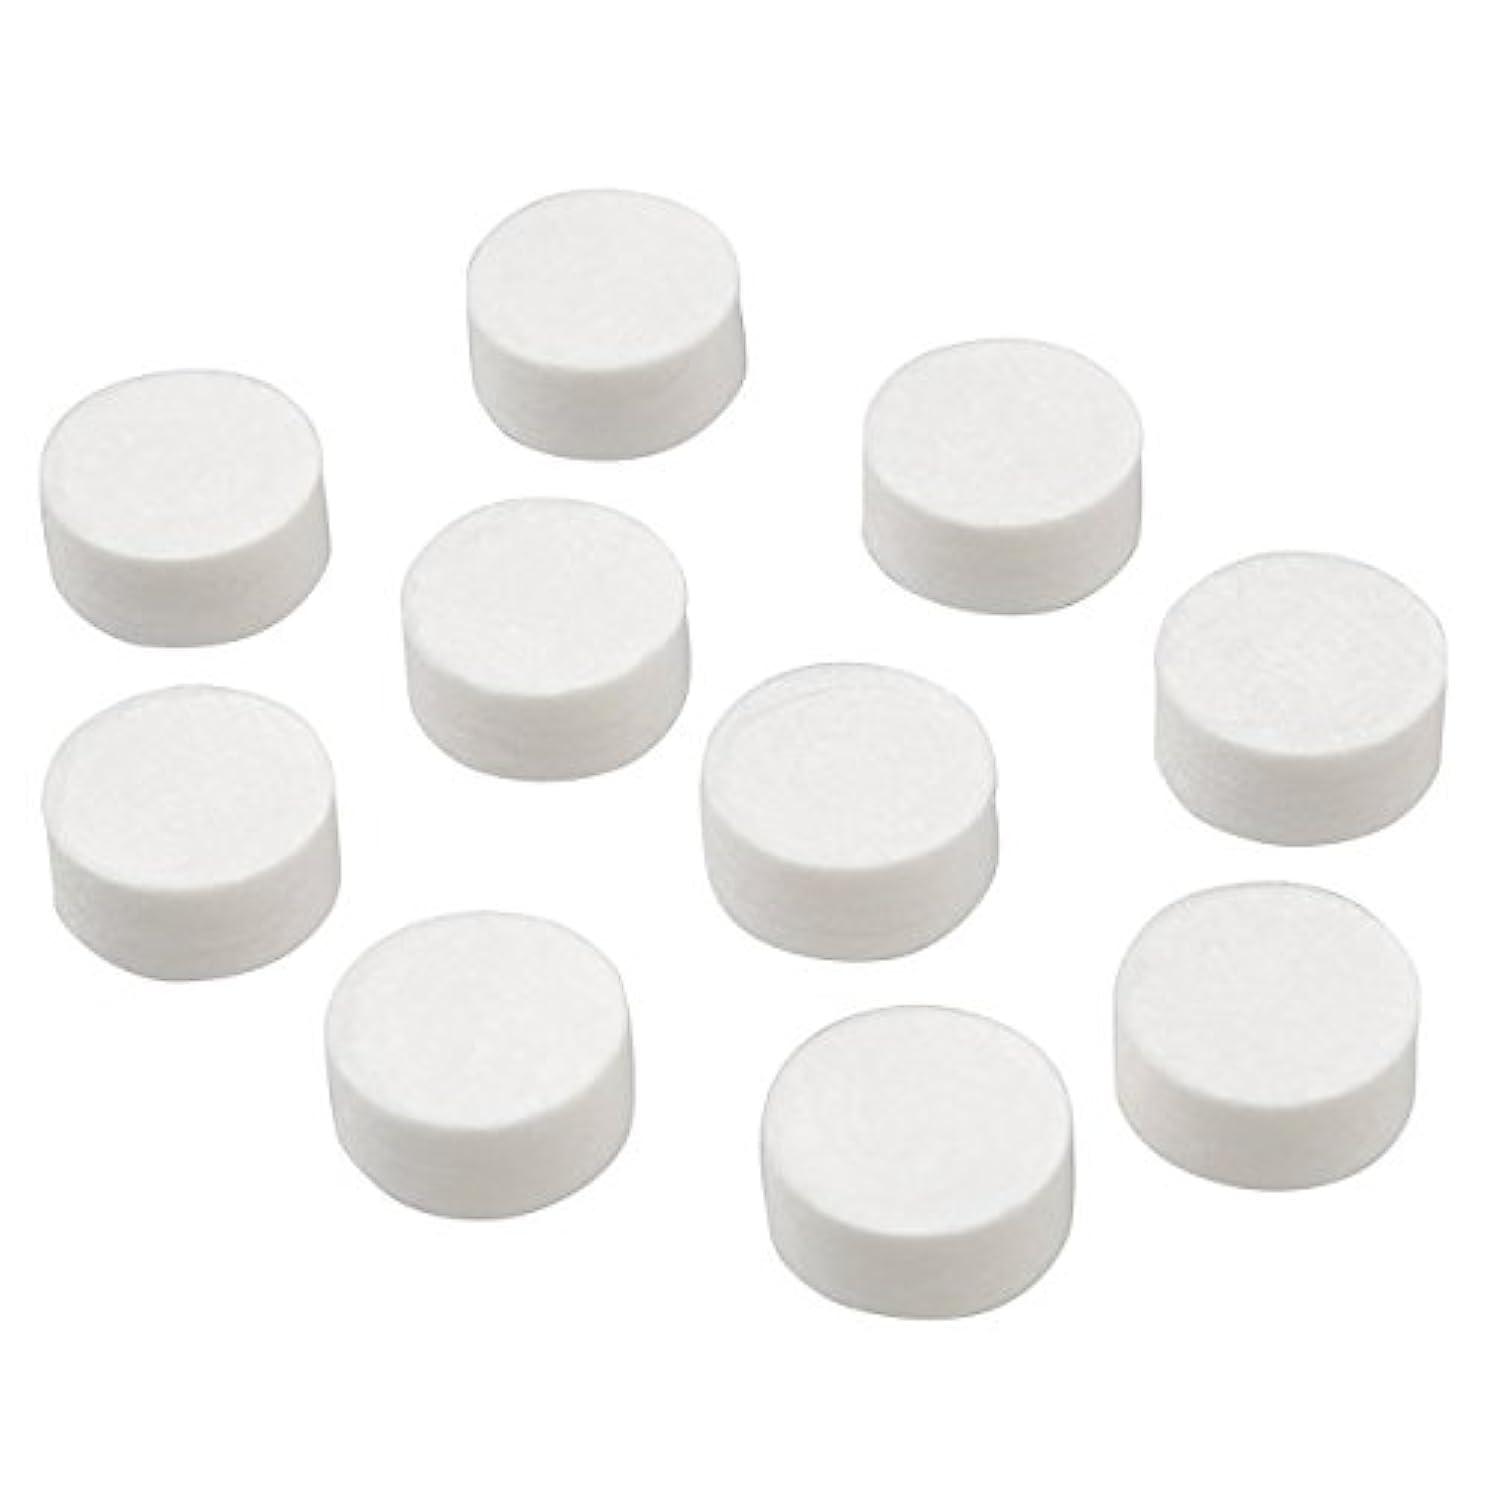 塗抹バー発疹無印良品 ローションシート(全体用) 圧縮タイプ 20個入